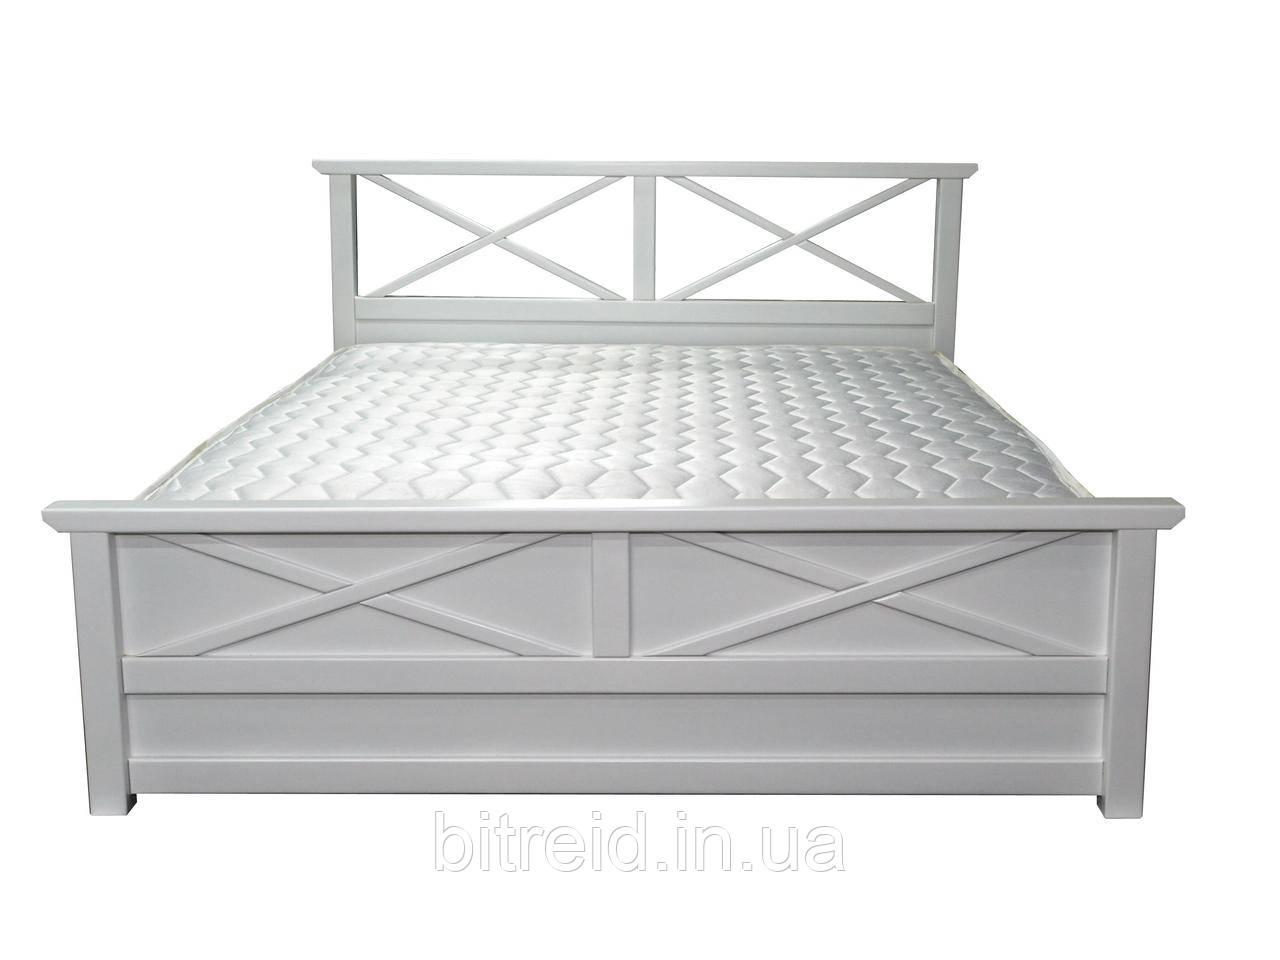 Двоспальне ліжко Модерн